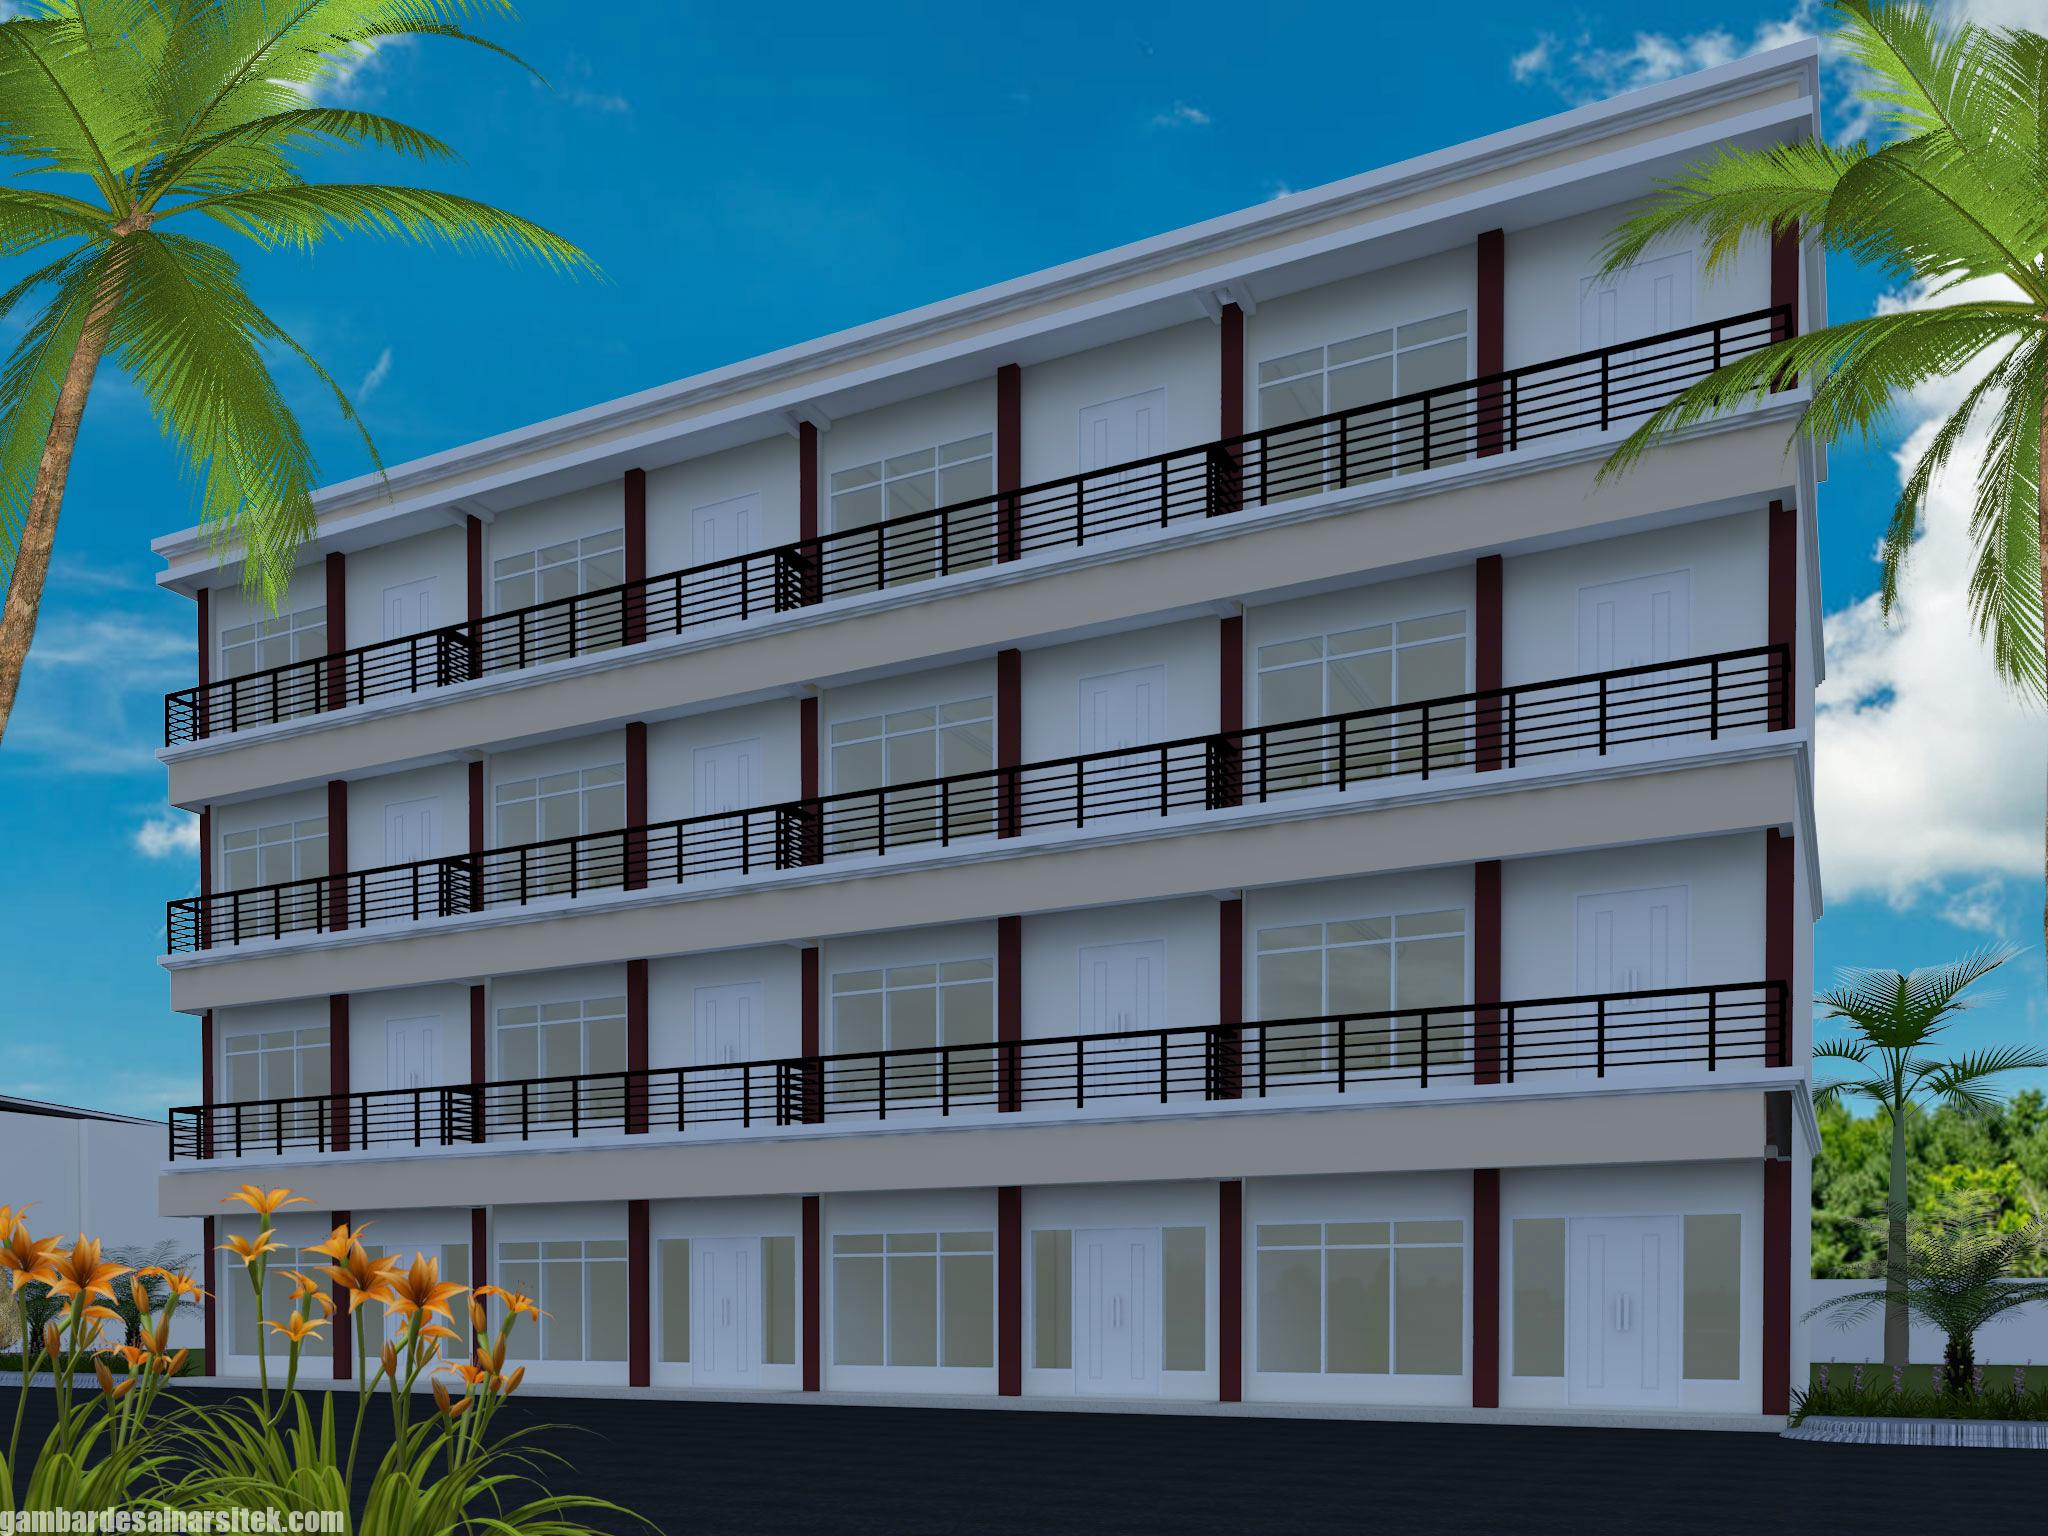 Desain Rumah Kost Minimalis 4 Lantai (2)